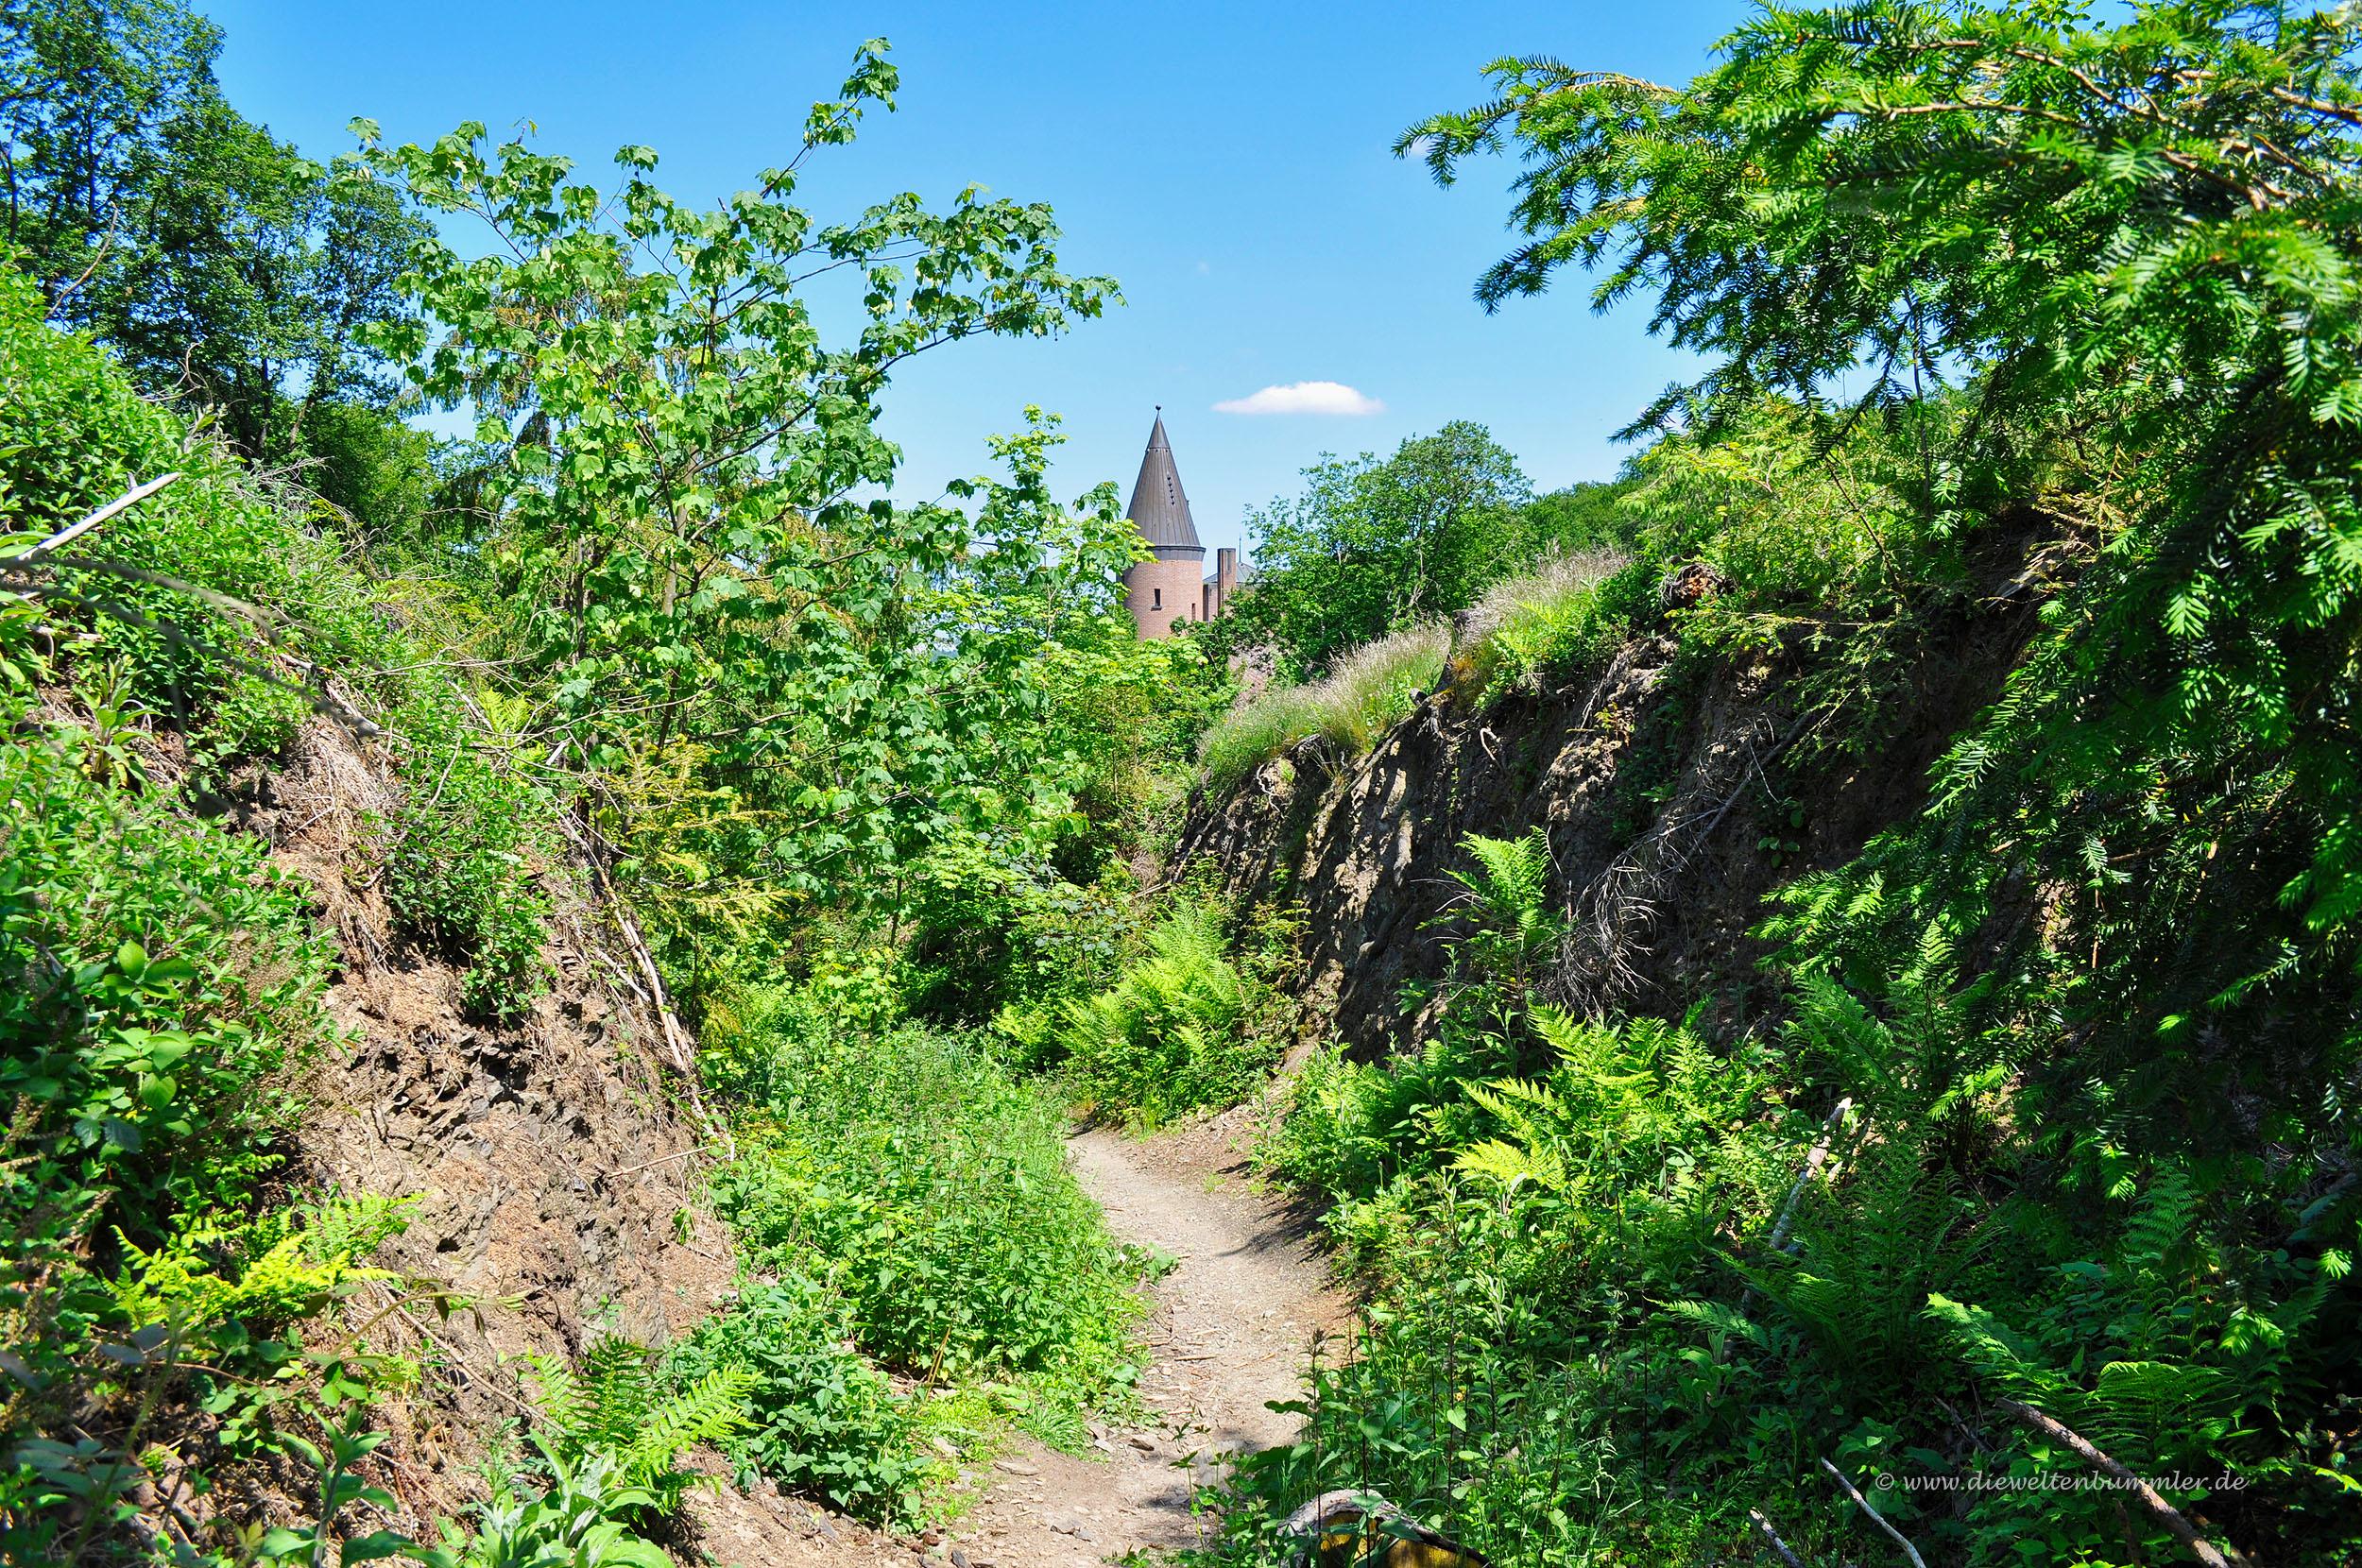 Hohlweg am Schloss Landsberg